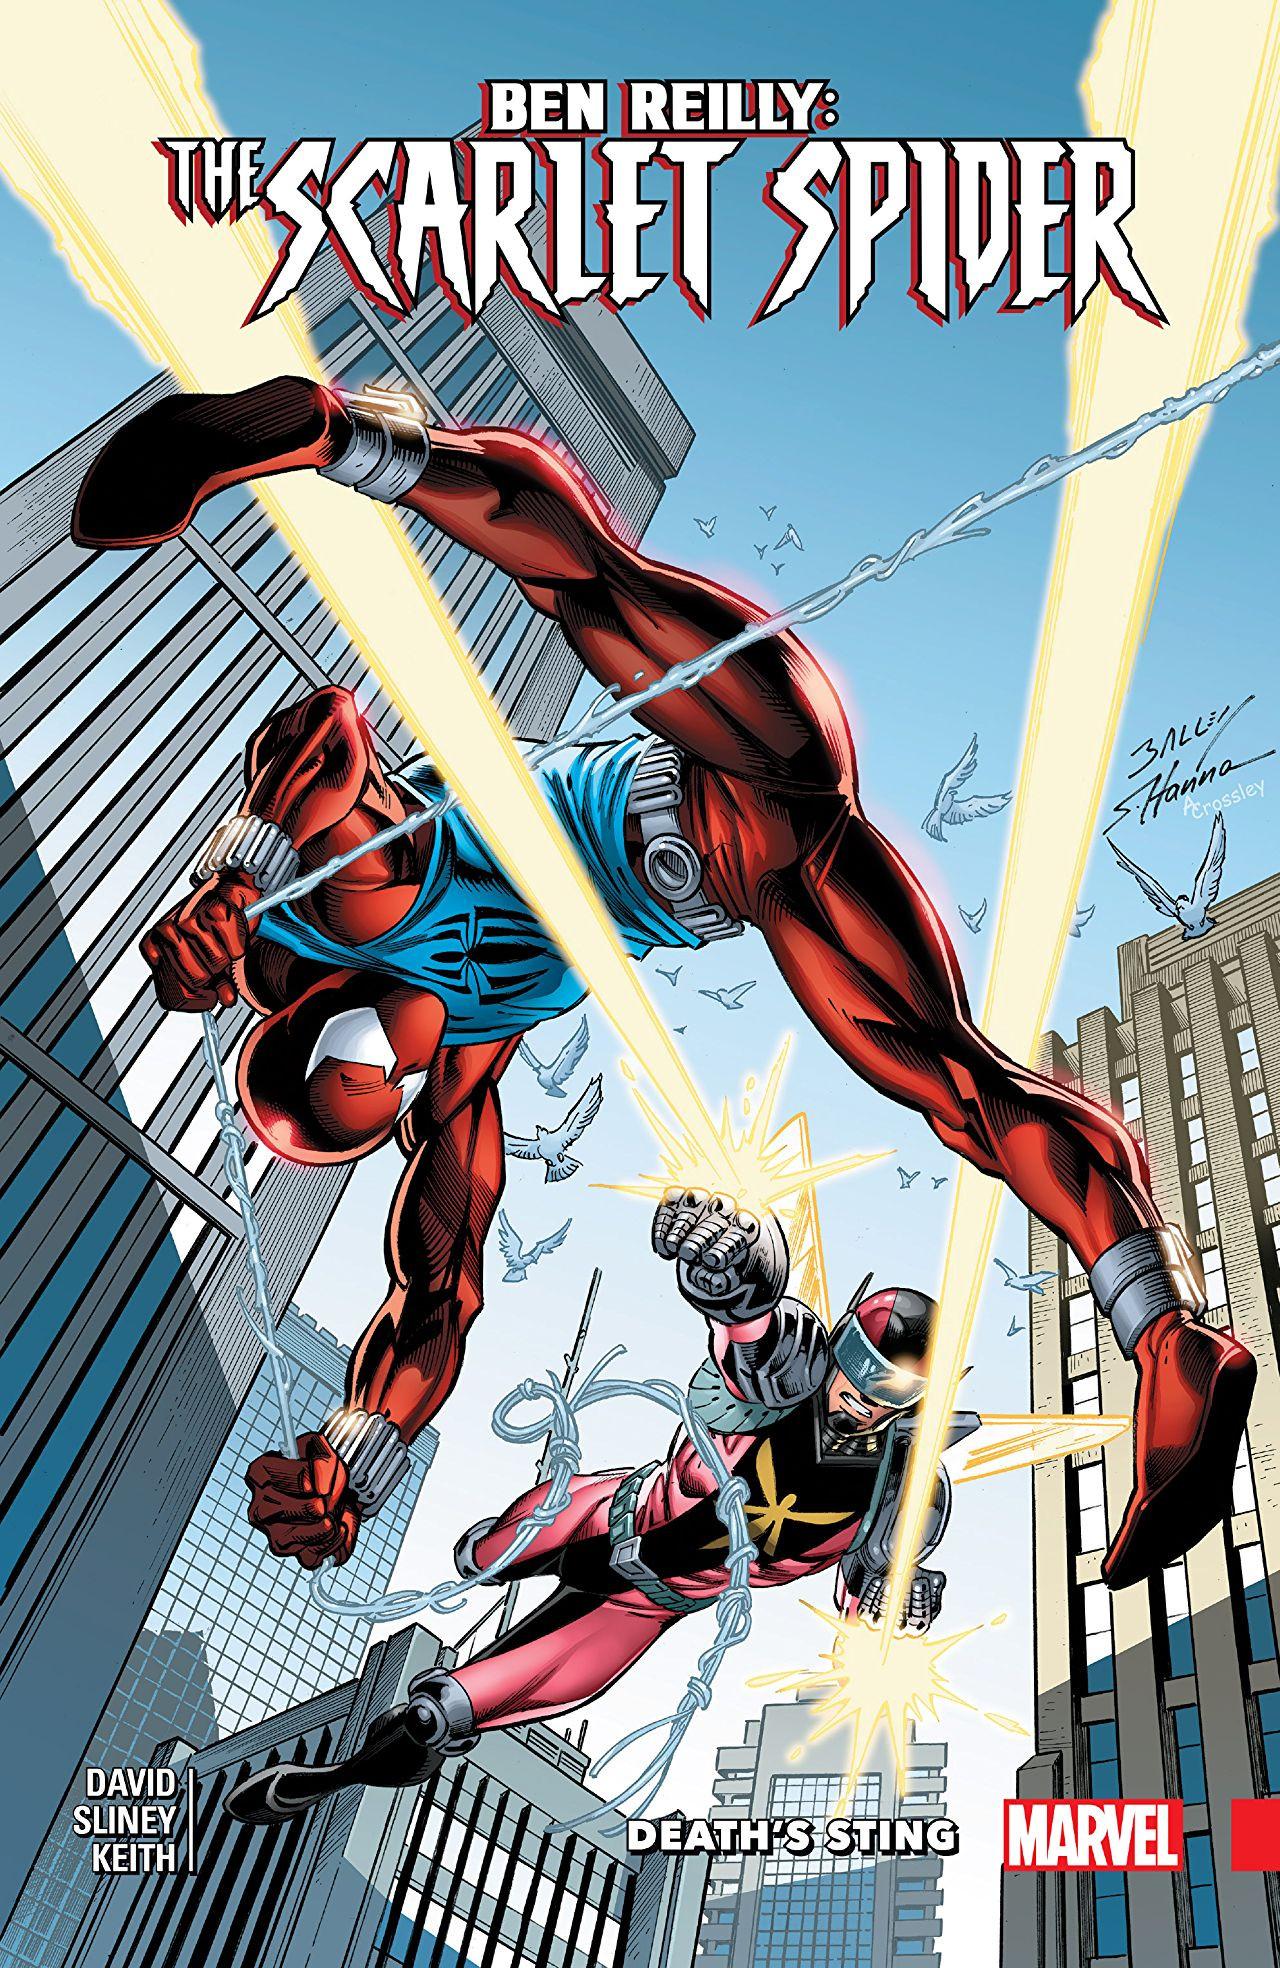 Ben Reilly: Scarlet Spider TPB Vol 1 2: Death's Sting